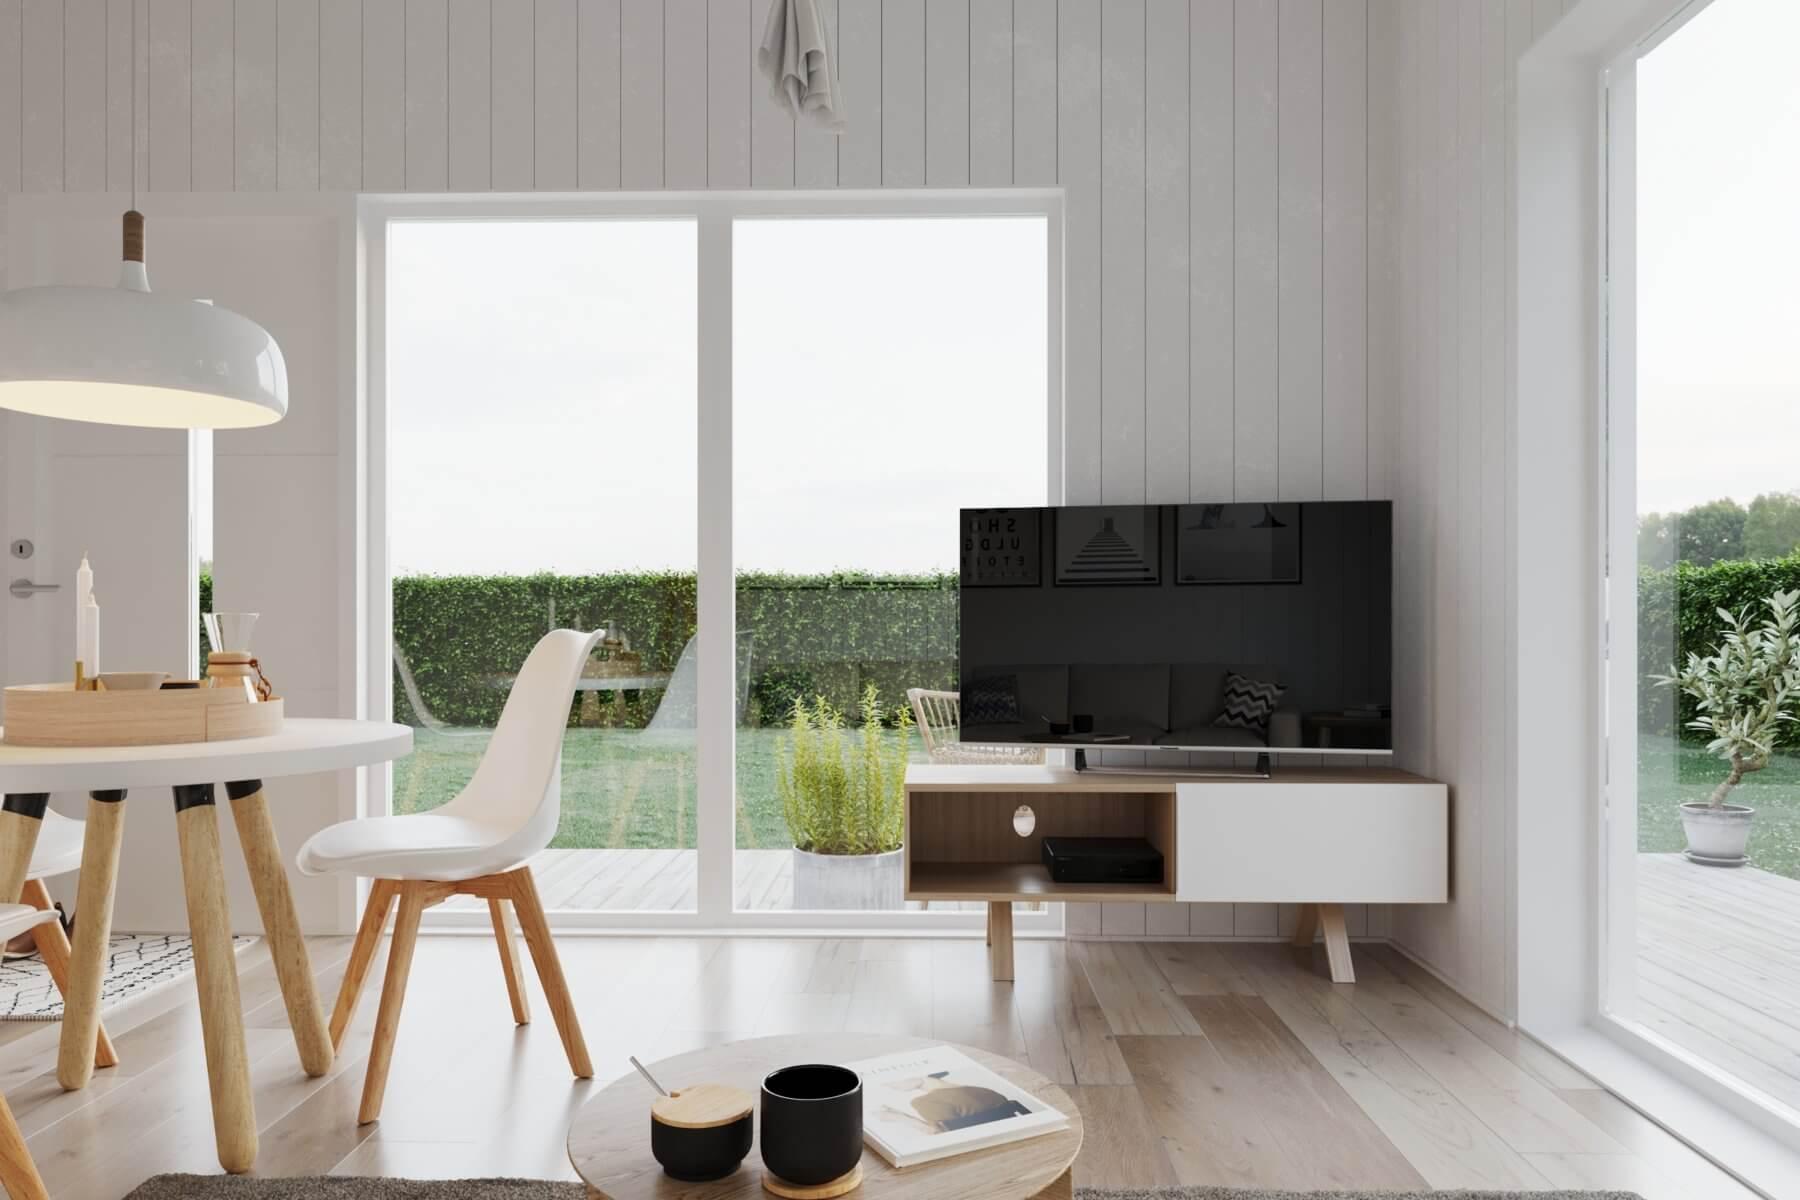 Vardagsrum i attefallshus med tv stående på tv-bänk och vackra panoramafönster